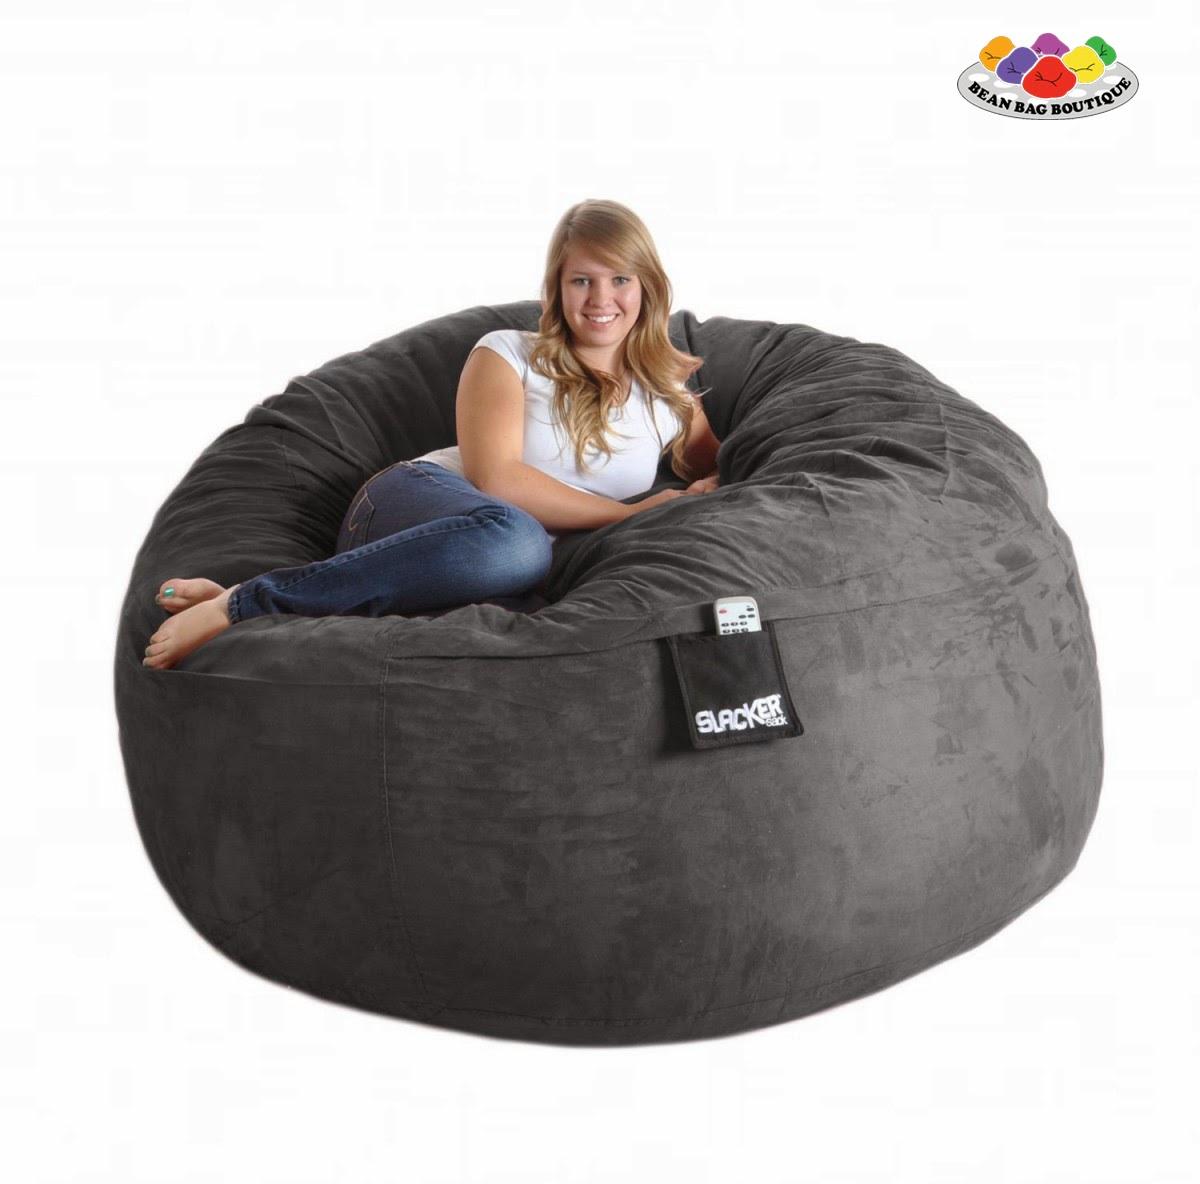 Classy Bean Bag Chairs Chair Table Rental Beanbag Beanbags Beanbagboutique